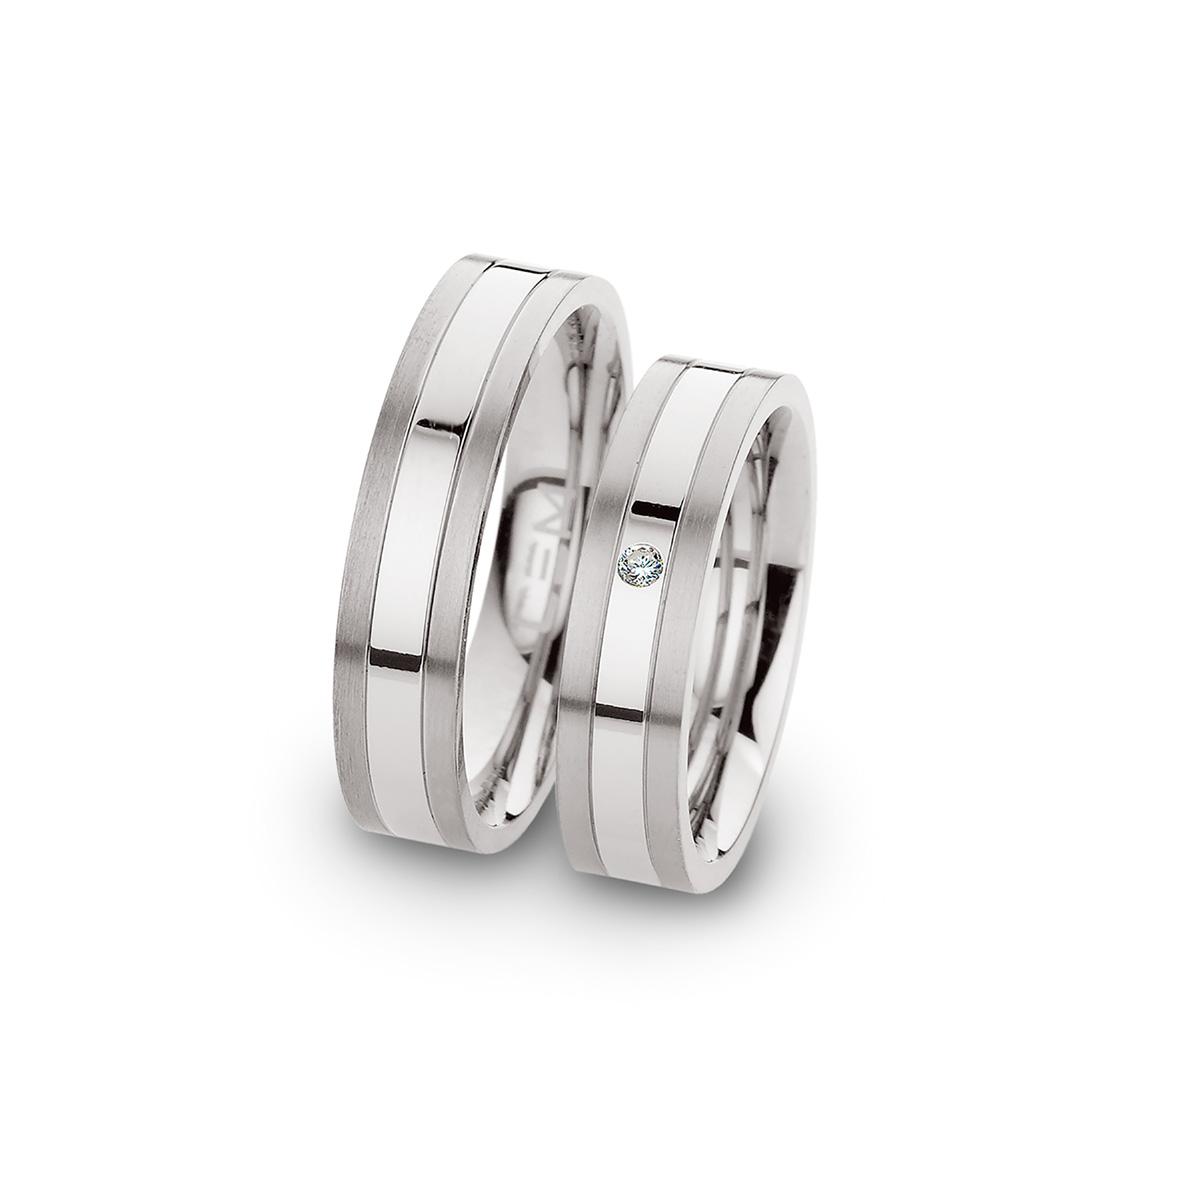 Verlobungsringe Partnerringe | Verlobungsringe Und Partnerringe Aus Silber Stahl Oder Titan Mit